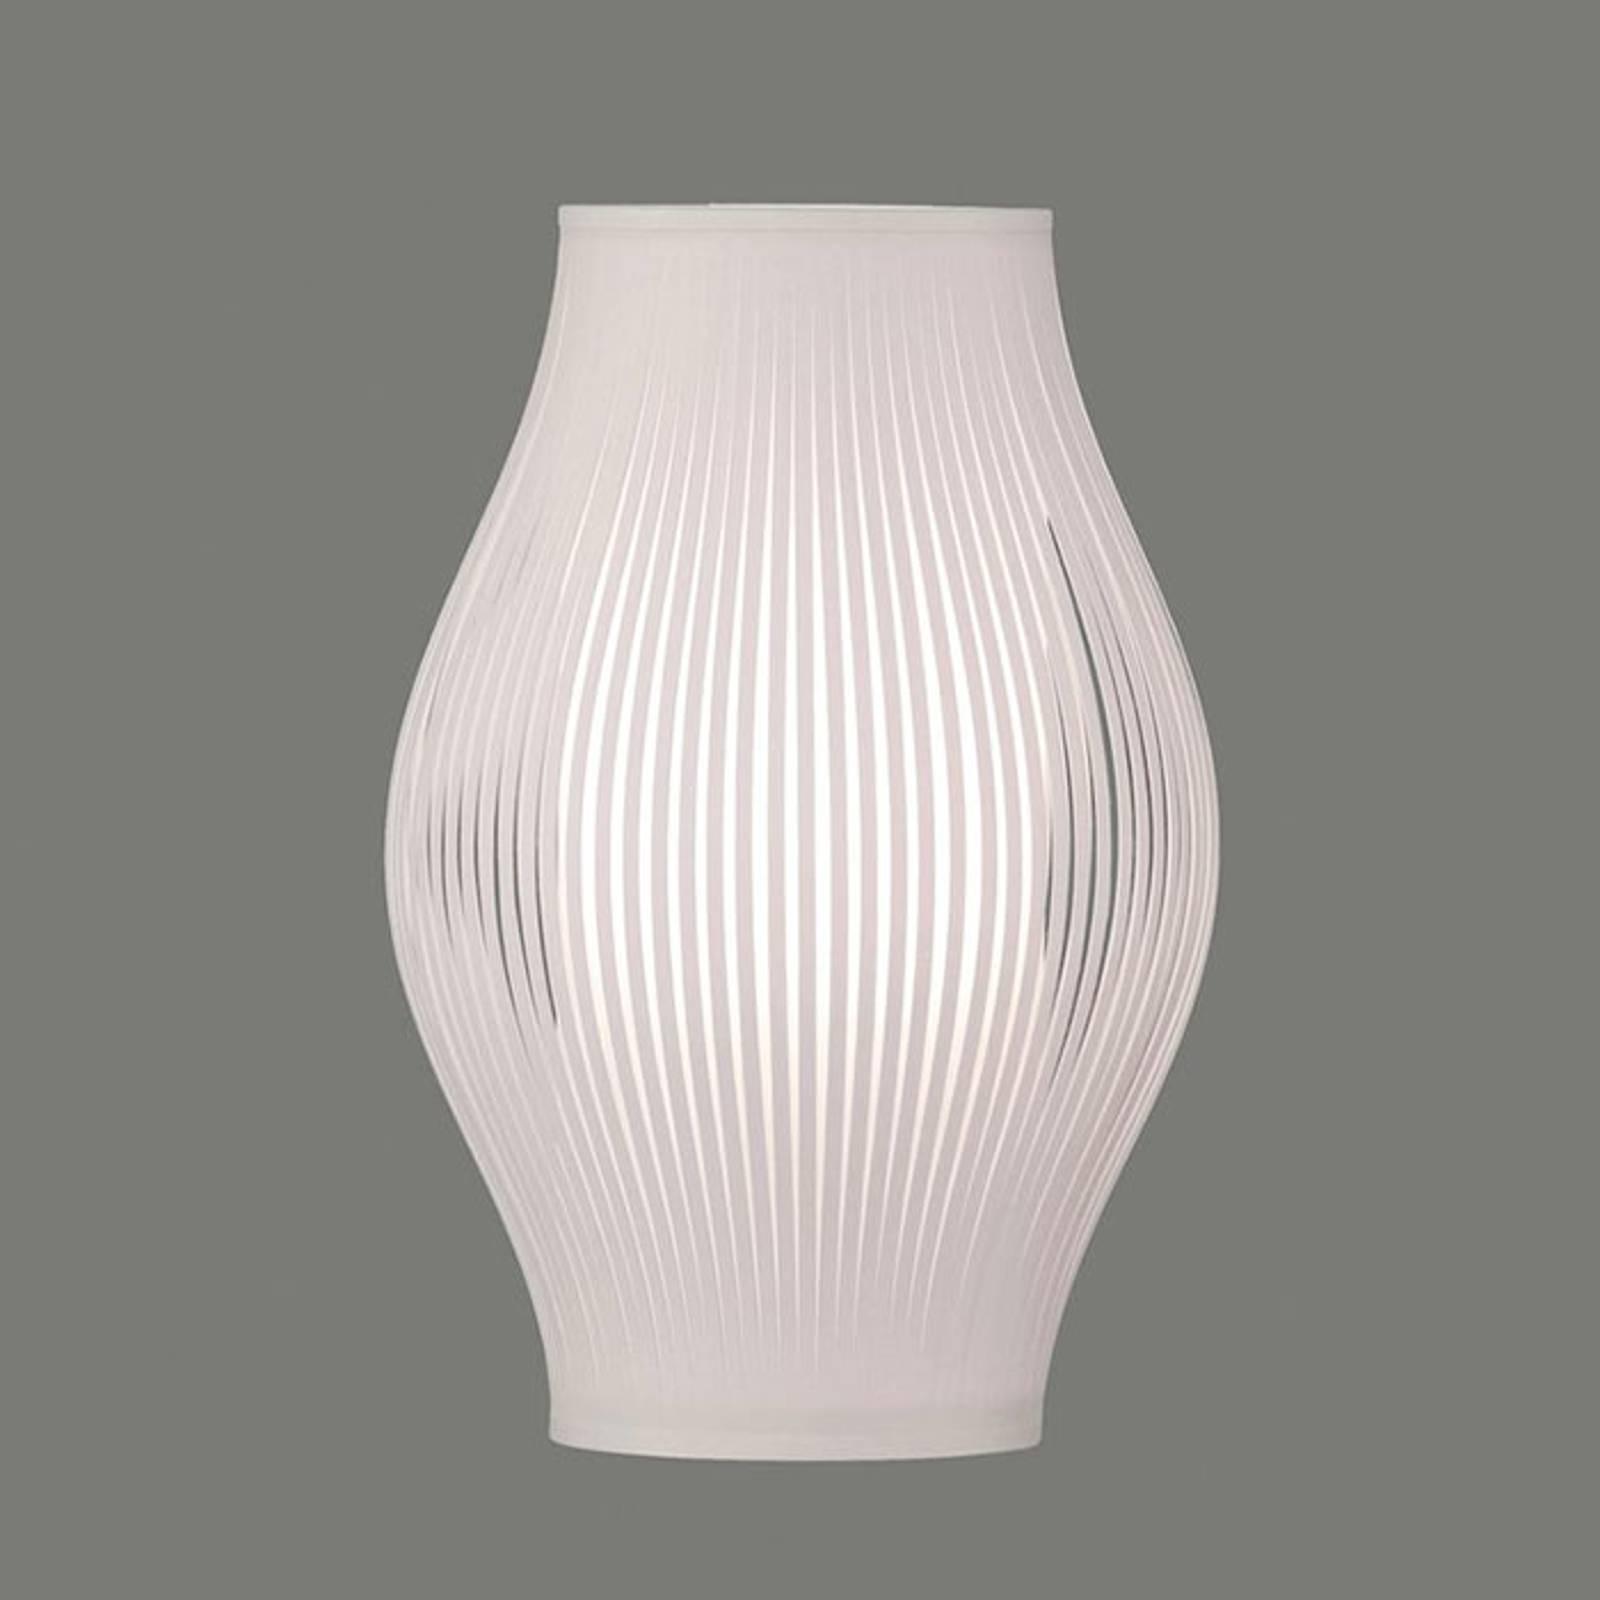 Tafellamp Murta, 36 cm, wit